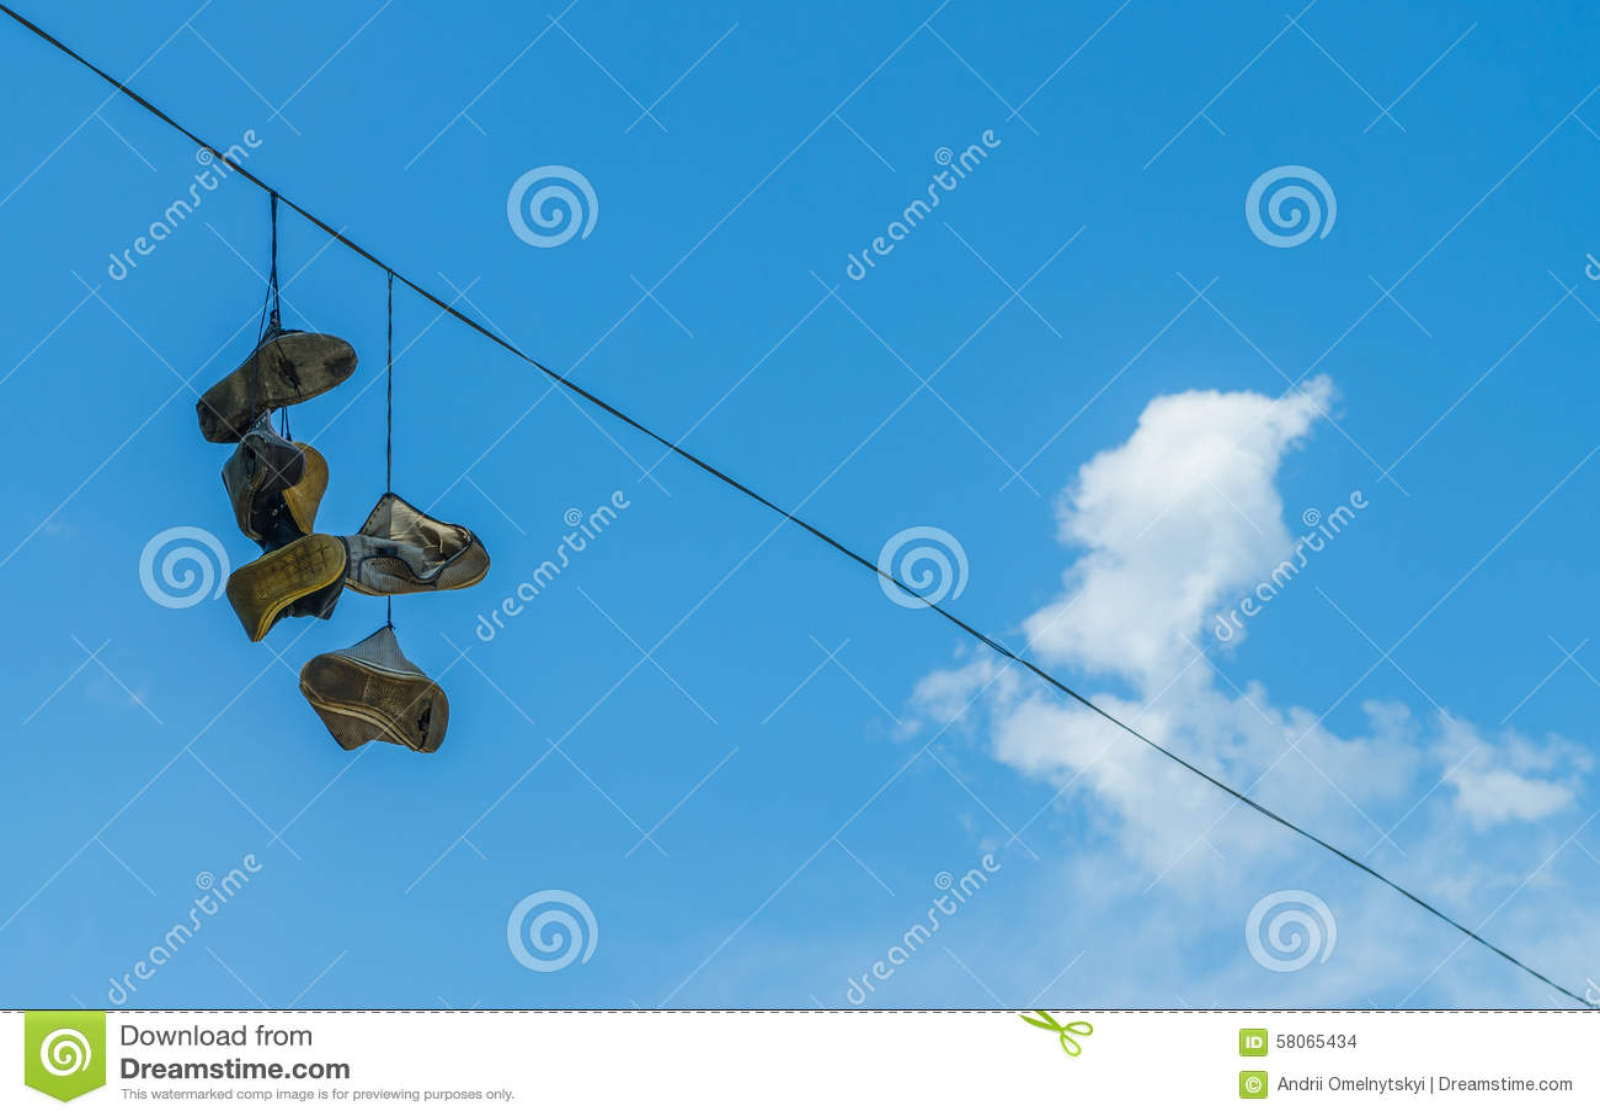 La paix est une bénédiction Chaussures Sur Sur Sur La Ligne électrique Photo stock Image du fond 0d4114